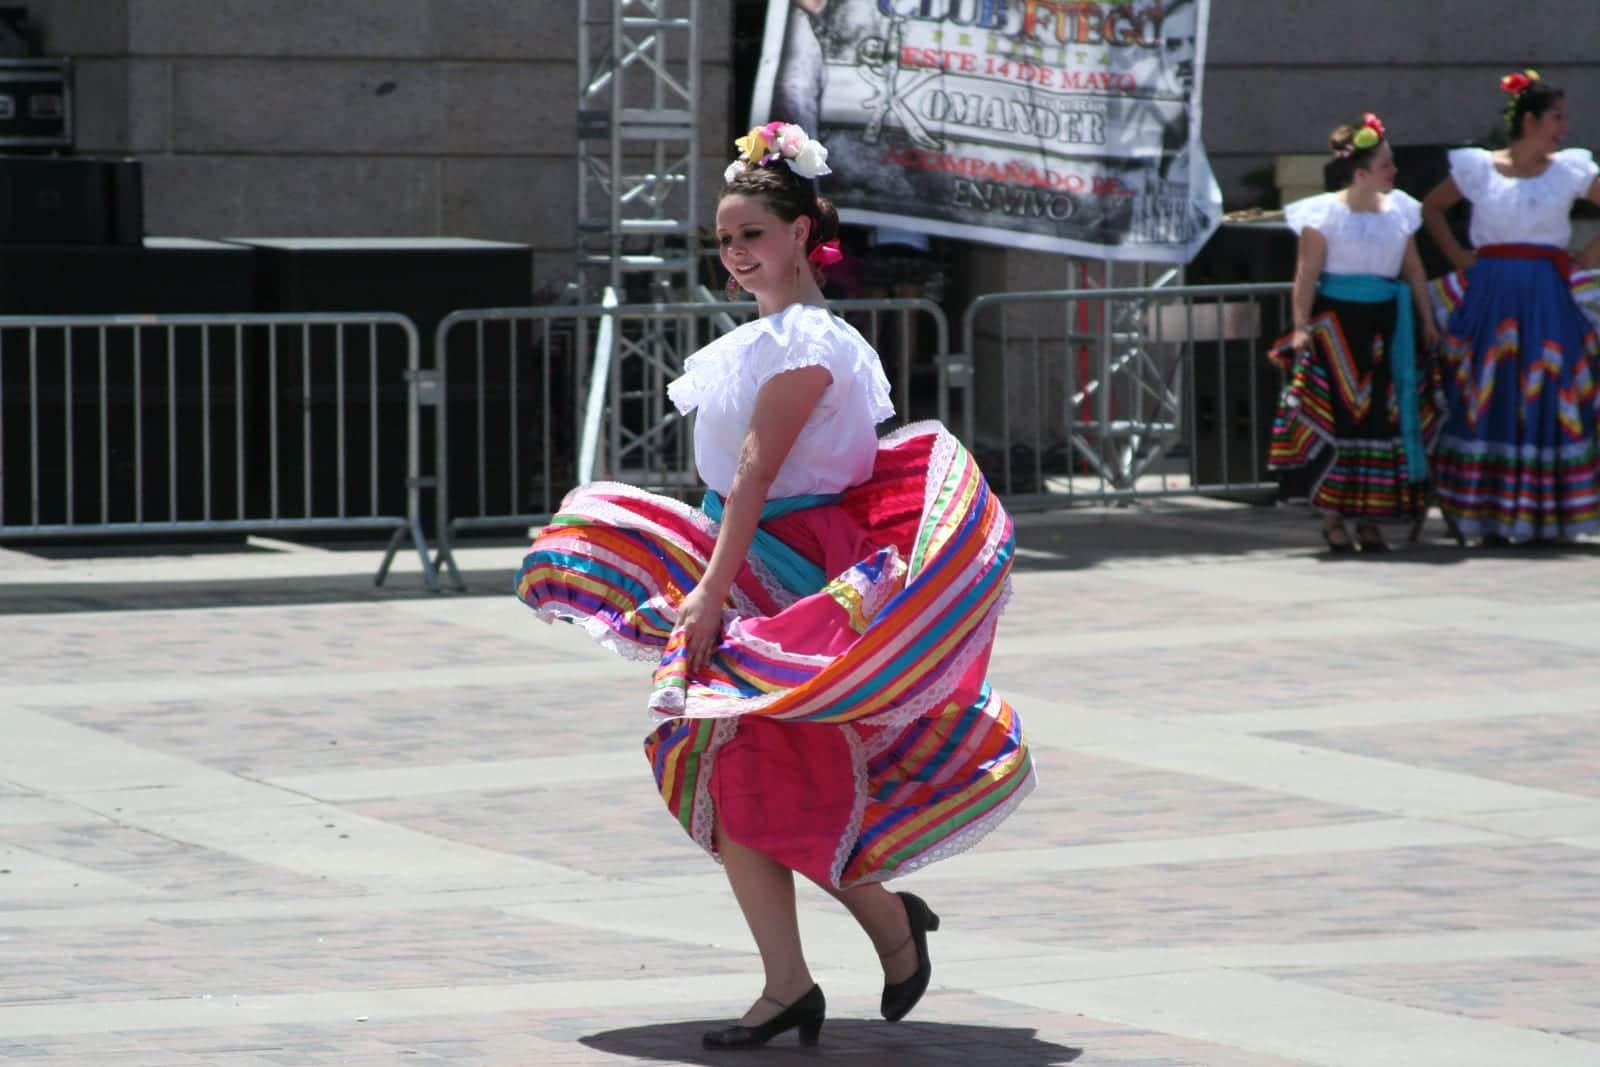 Cindo de Mayo Festival Parade Woman Dancer